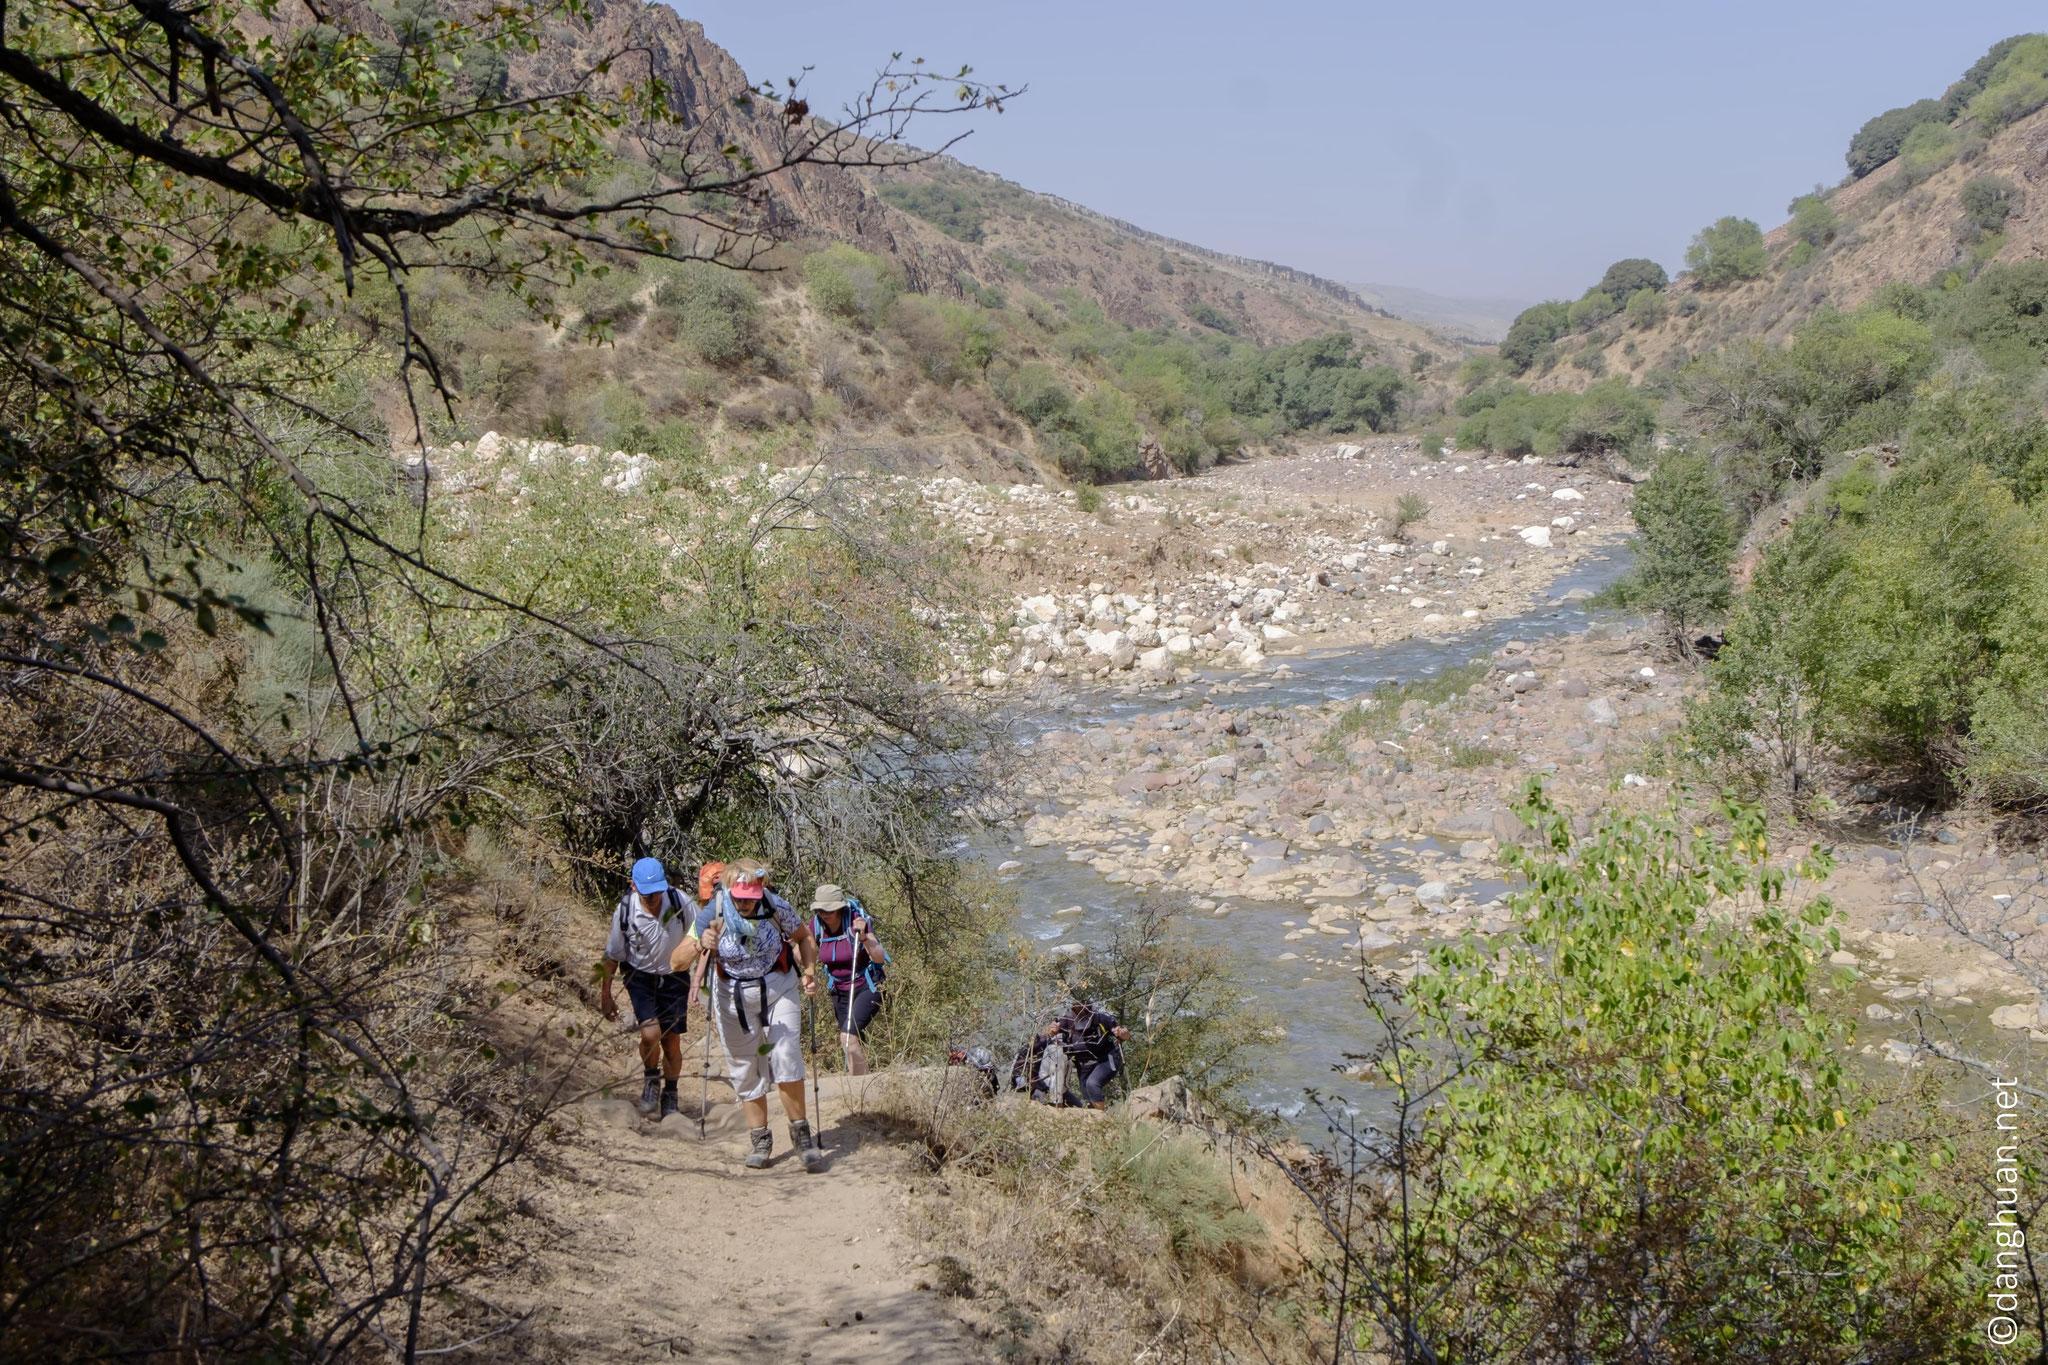 découverte au long de la rivière Aksakatasay dans la vallée d'Aksakata